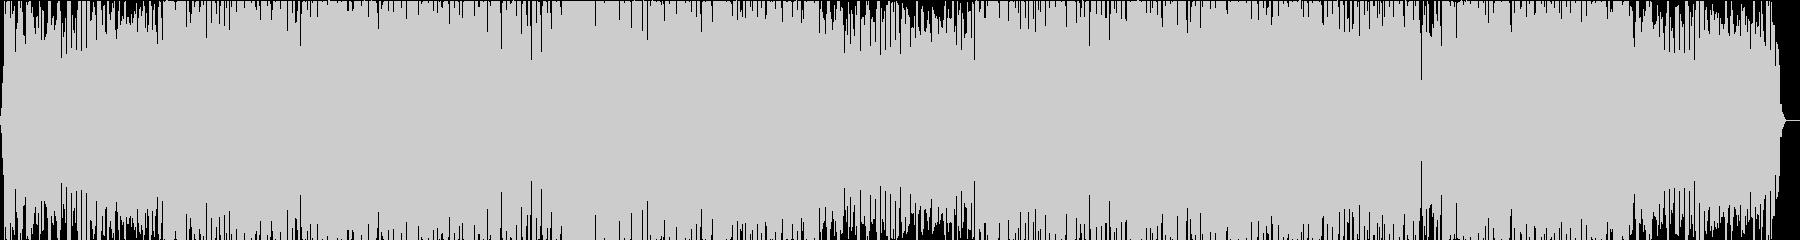 【ハウス】ラウンジで流れてそうなEDMの未再生の波形